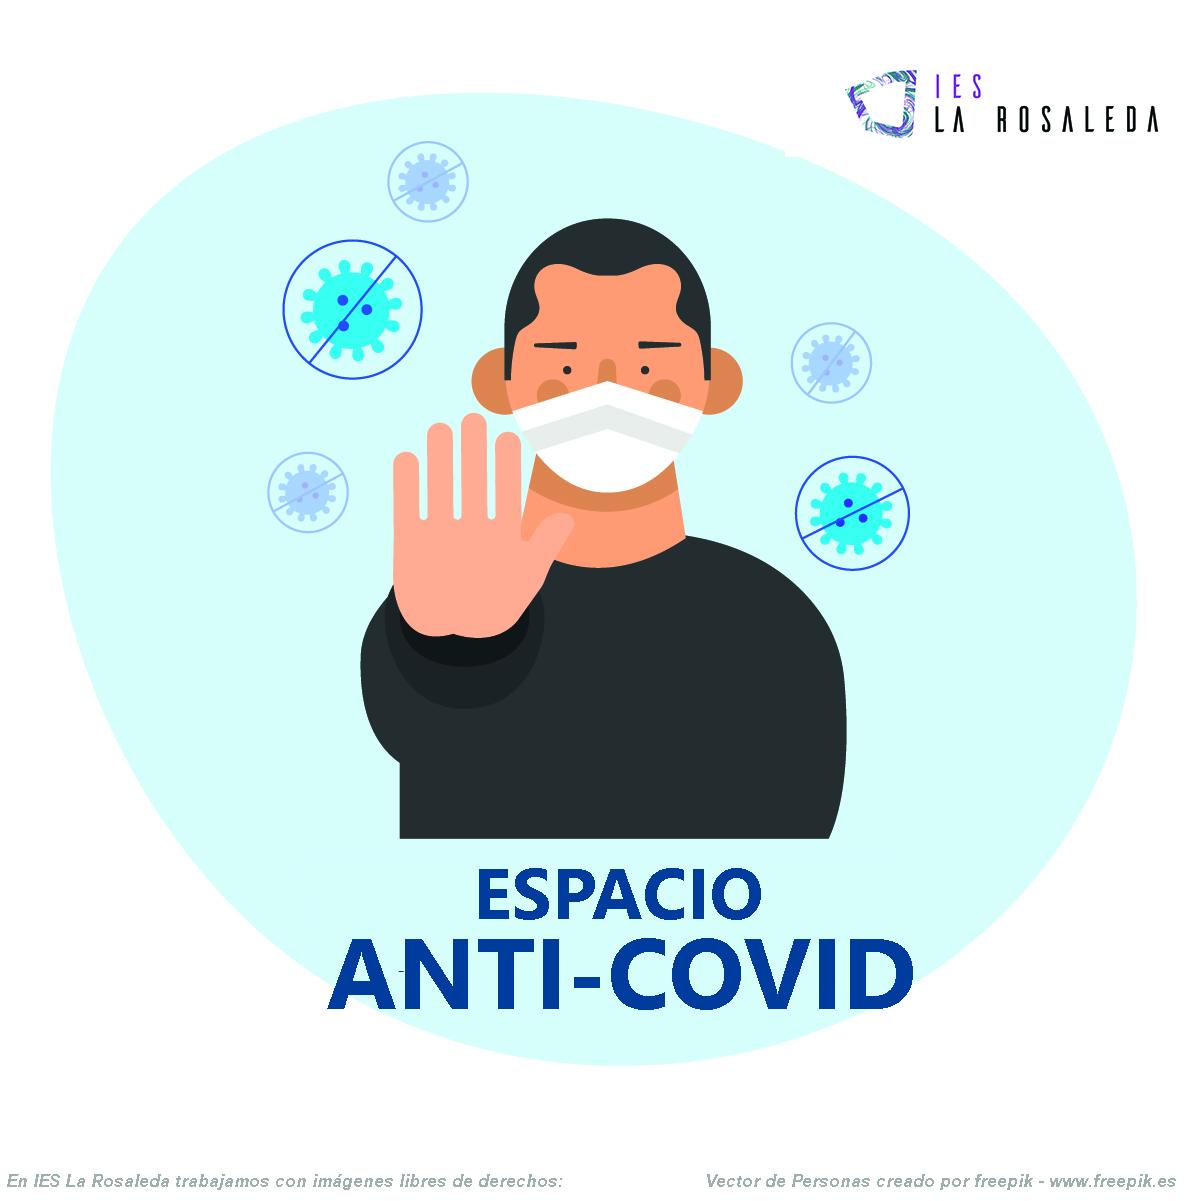 Nuestro espacio Anti-Covid: